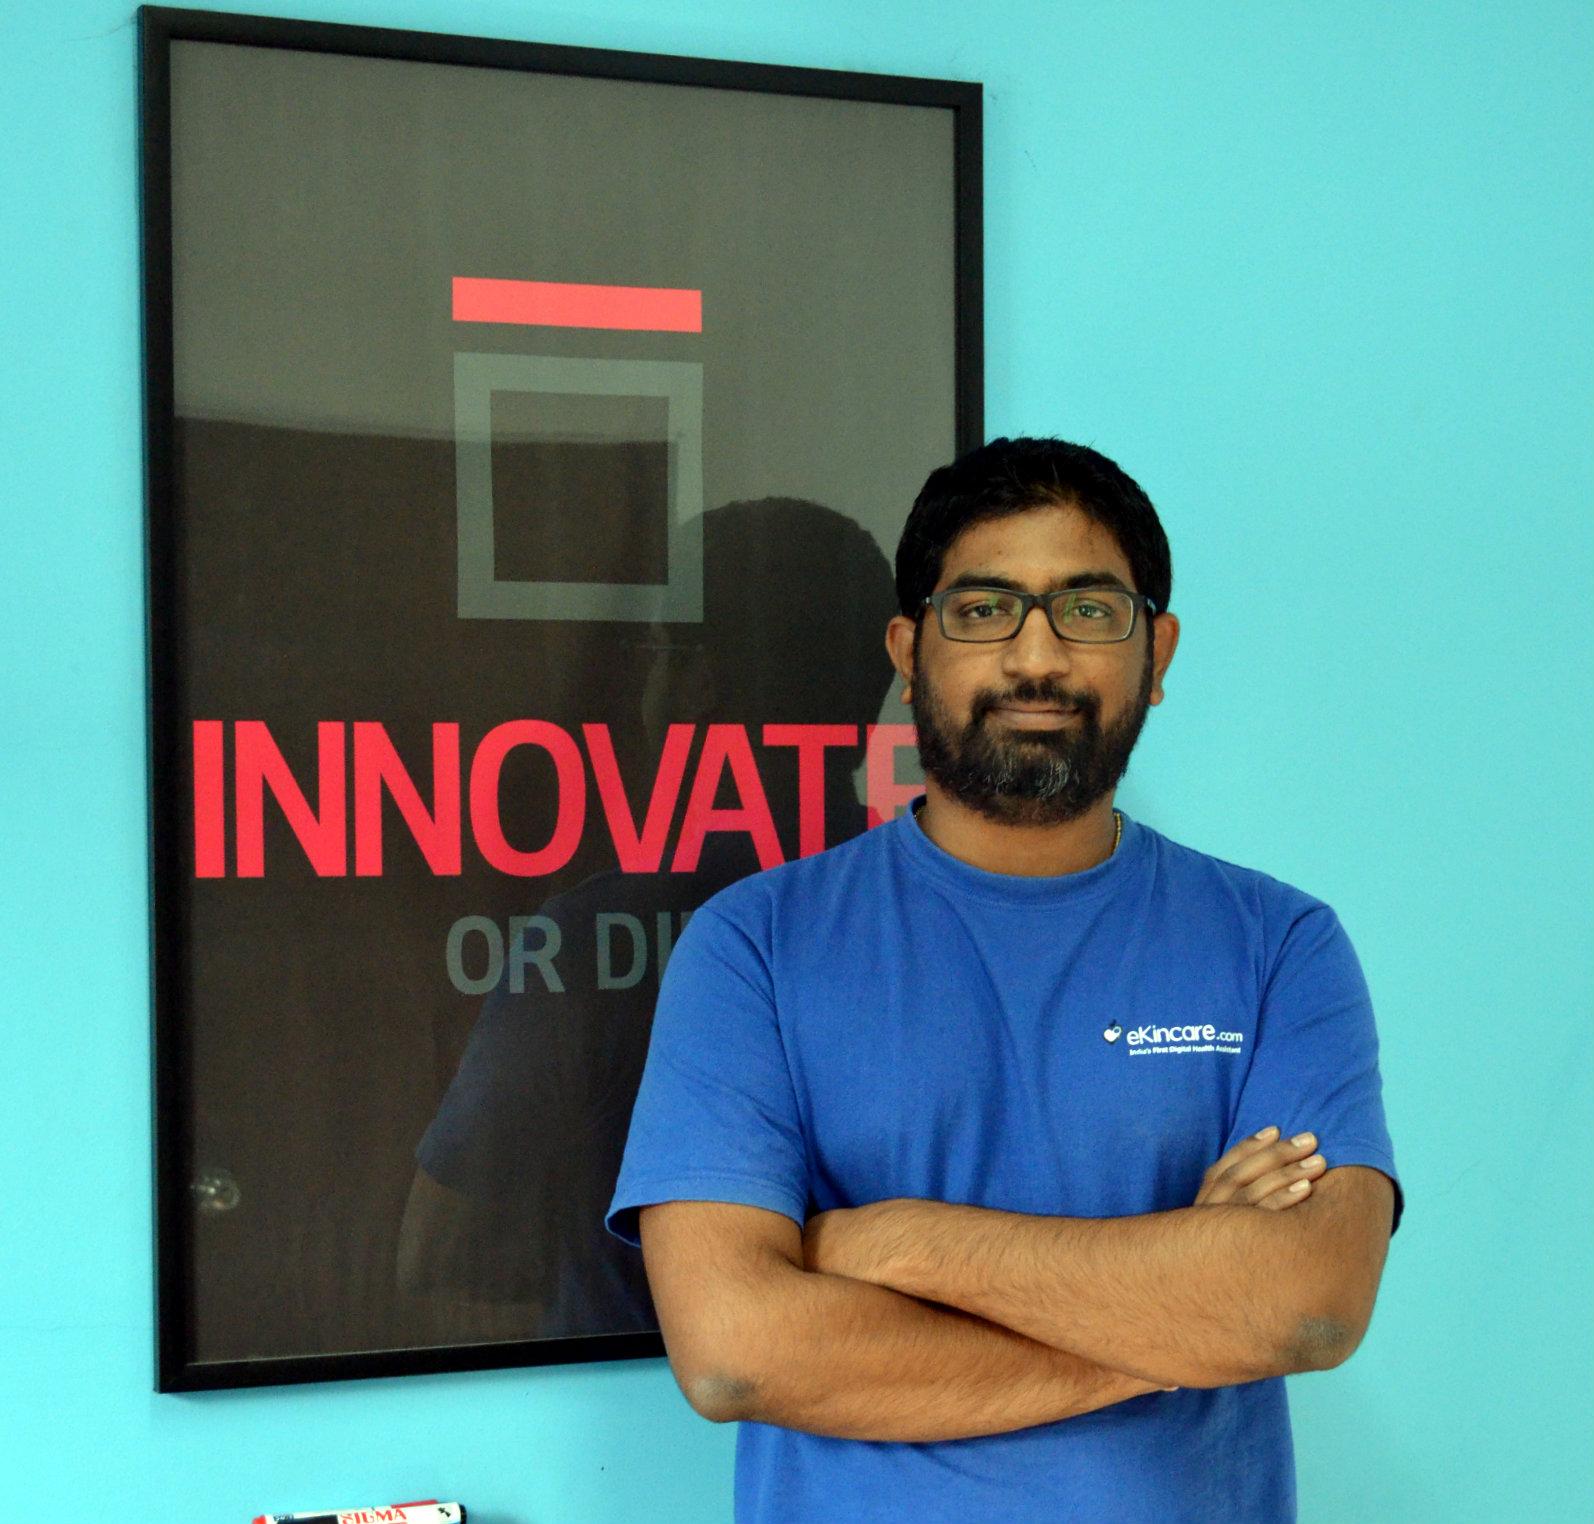 ekincare founder Kiran Kalakuntla, Founder